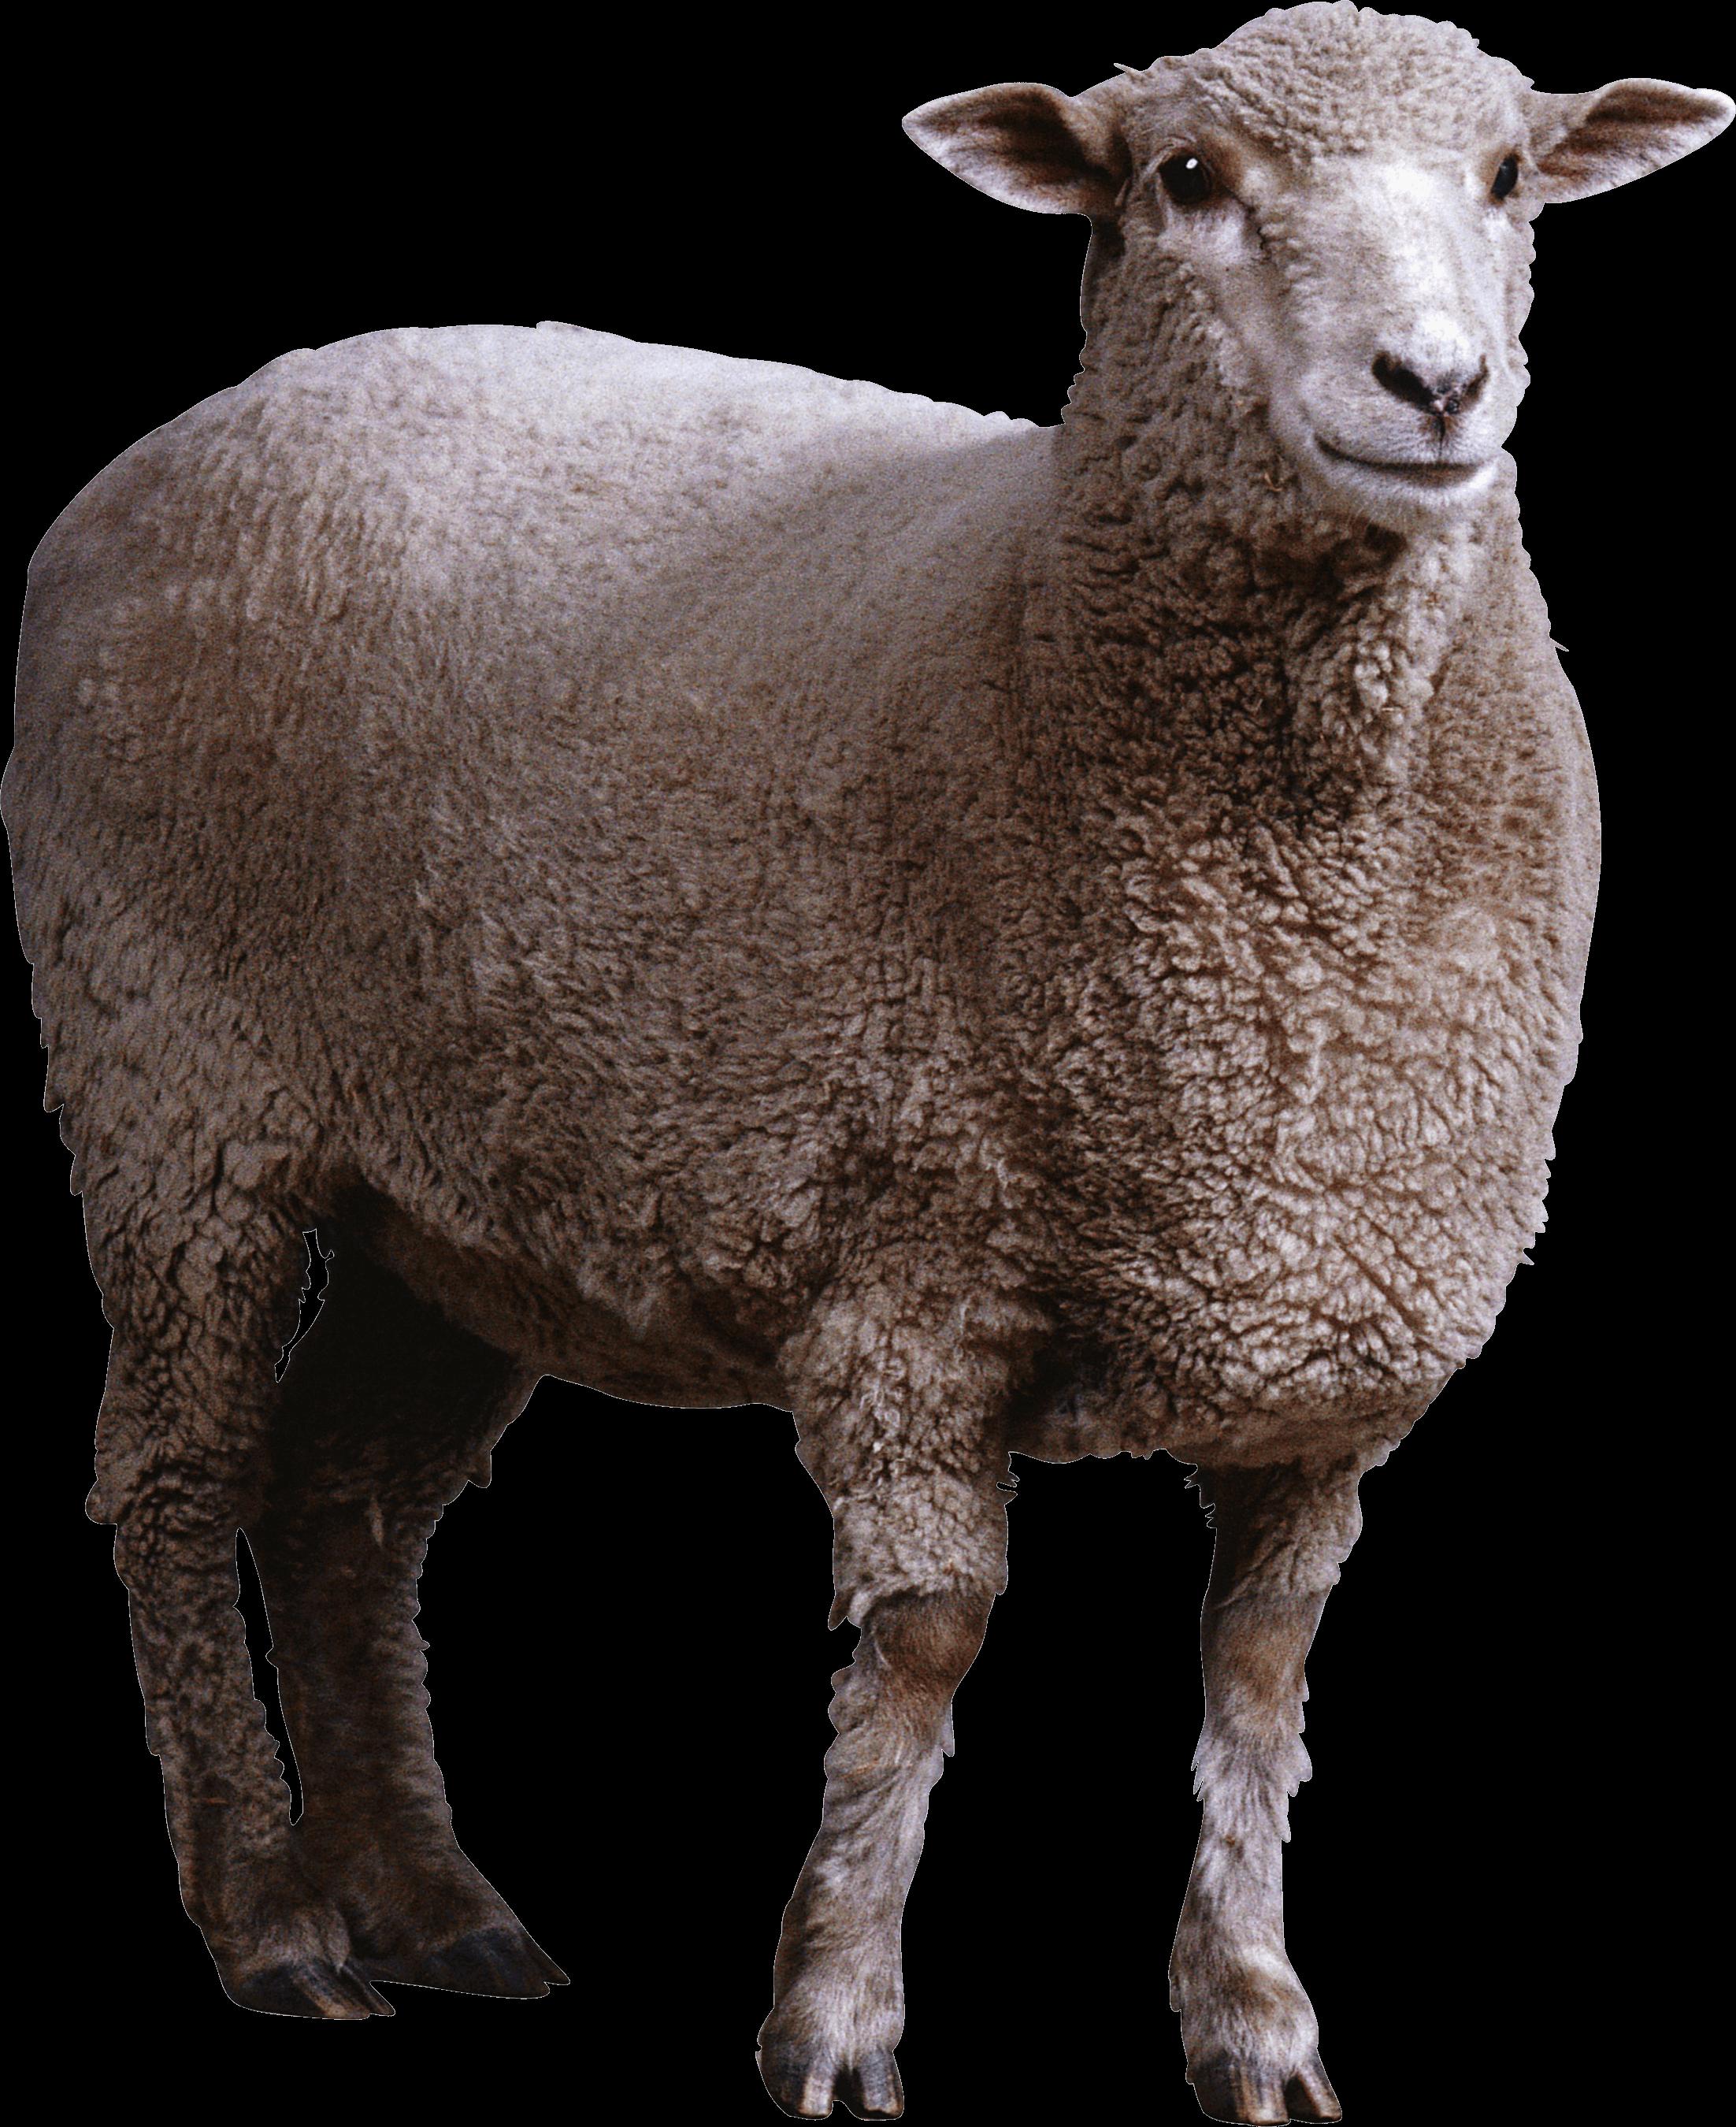 Sheep PNG - 6523